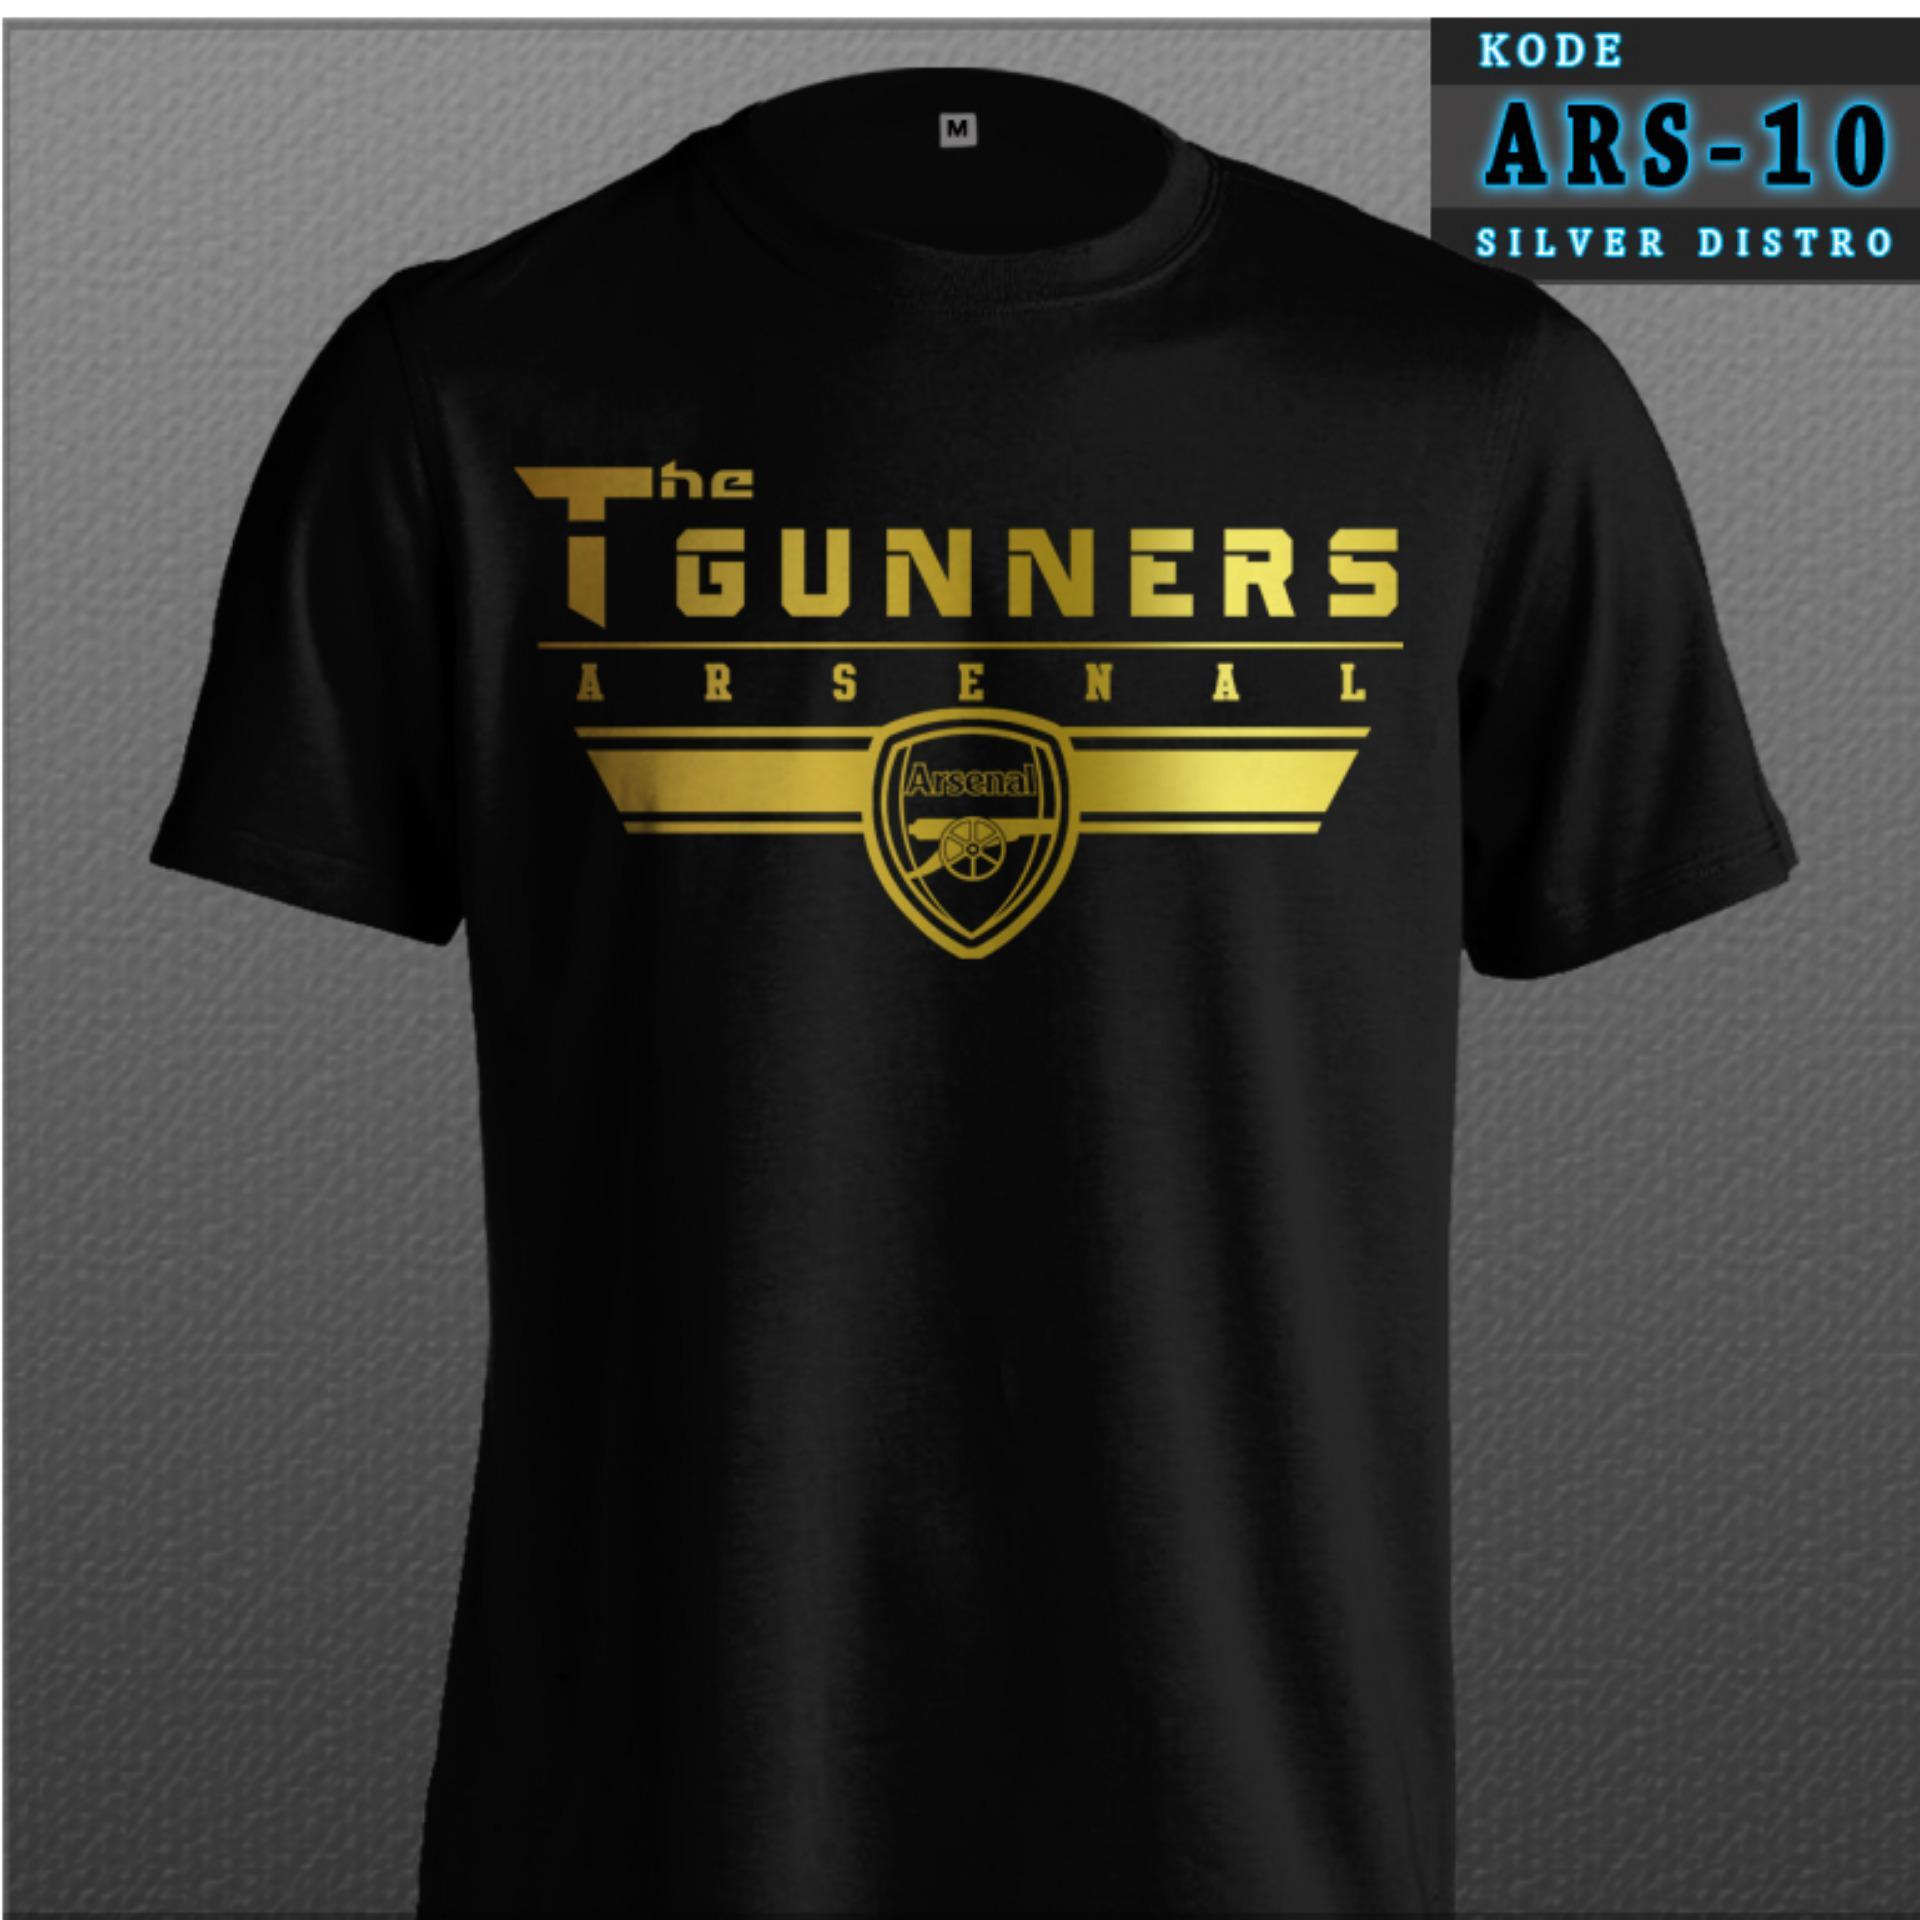 Kaos Arsenal Kode ARS-10 The Gunners Arsenal